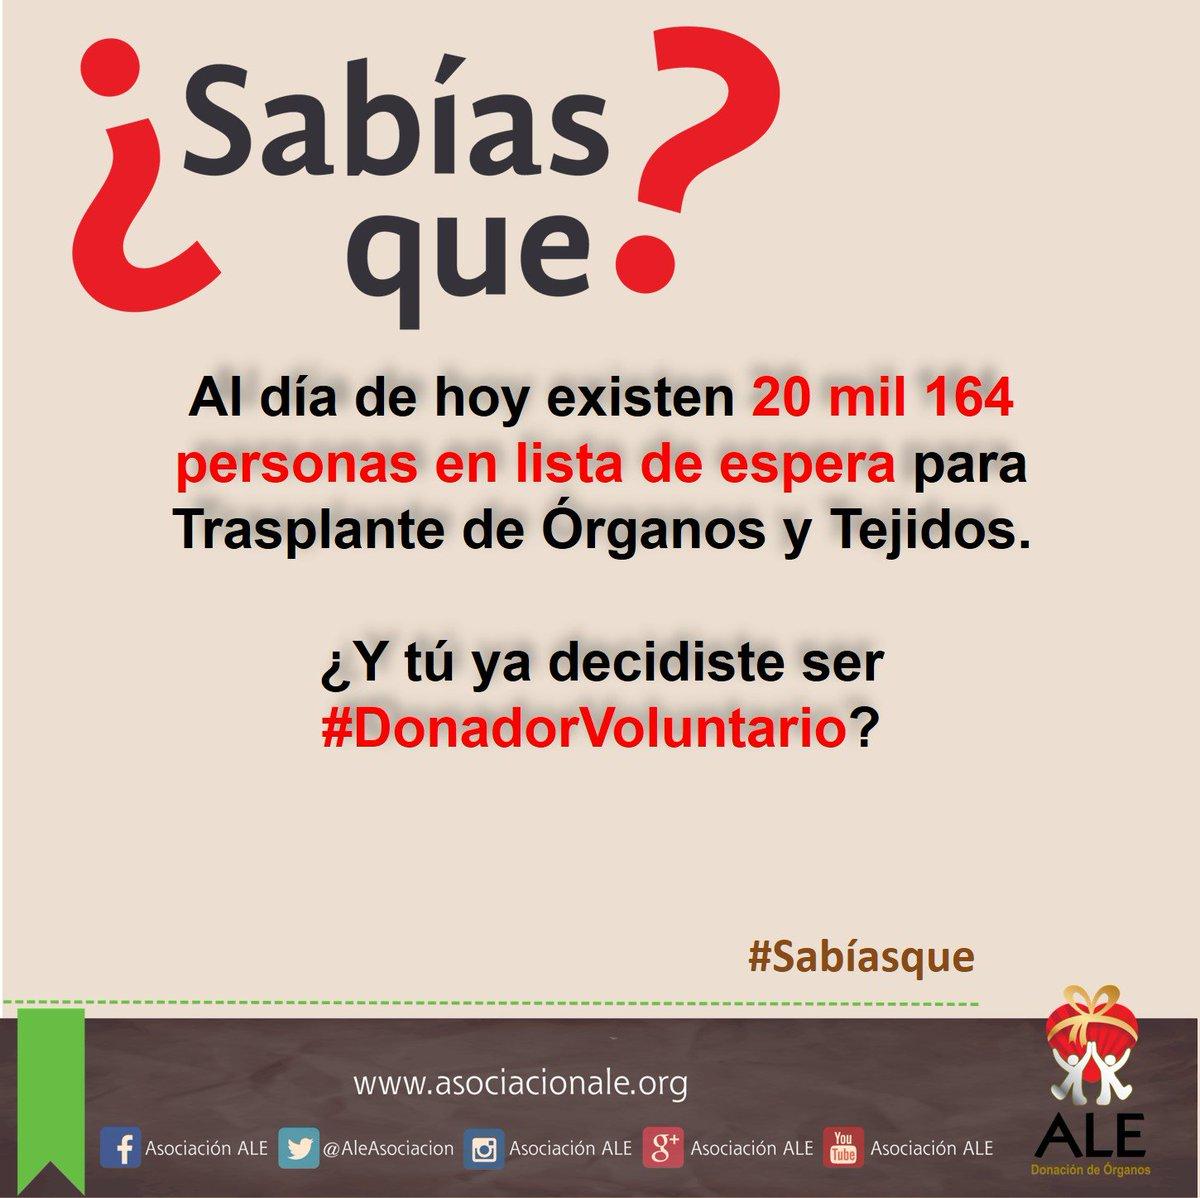 #SabíasQue Al día de hoy existen 20 mil 164 personas en lista de espera para Trasplante de Órganos y Tejidos. https://t.co/Ypt6fQ99AA